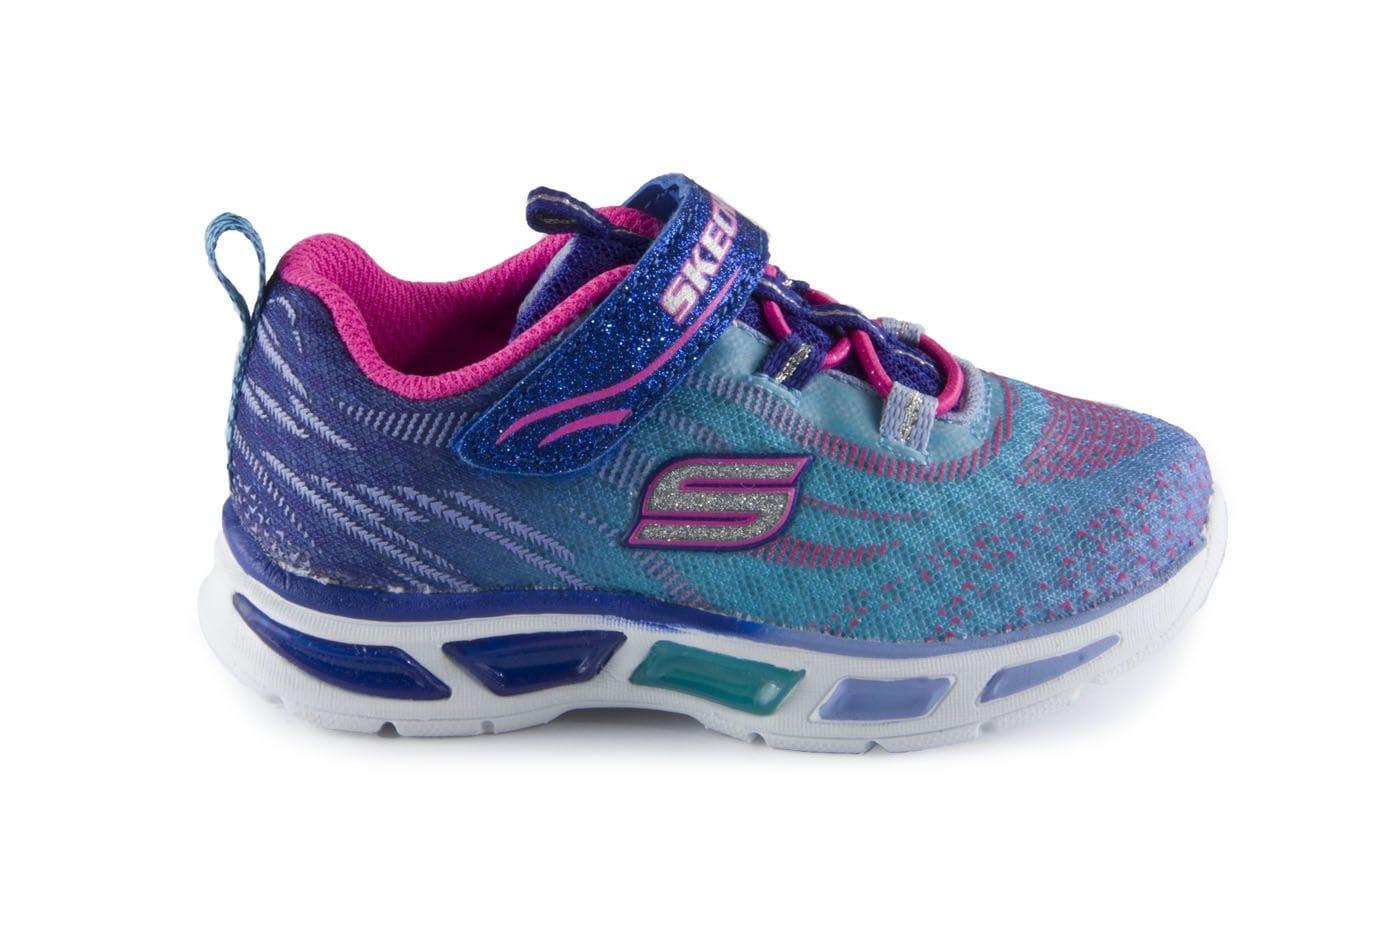 Zapato Comprar Deportivo Azul Estilo Niña Joven Textil Color Tipo Cqqxv7dnwF